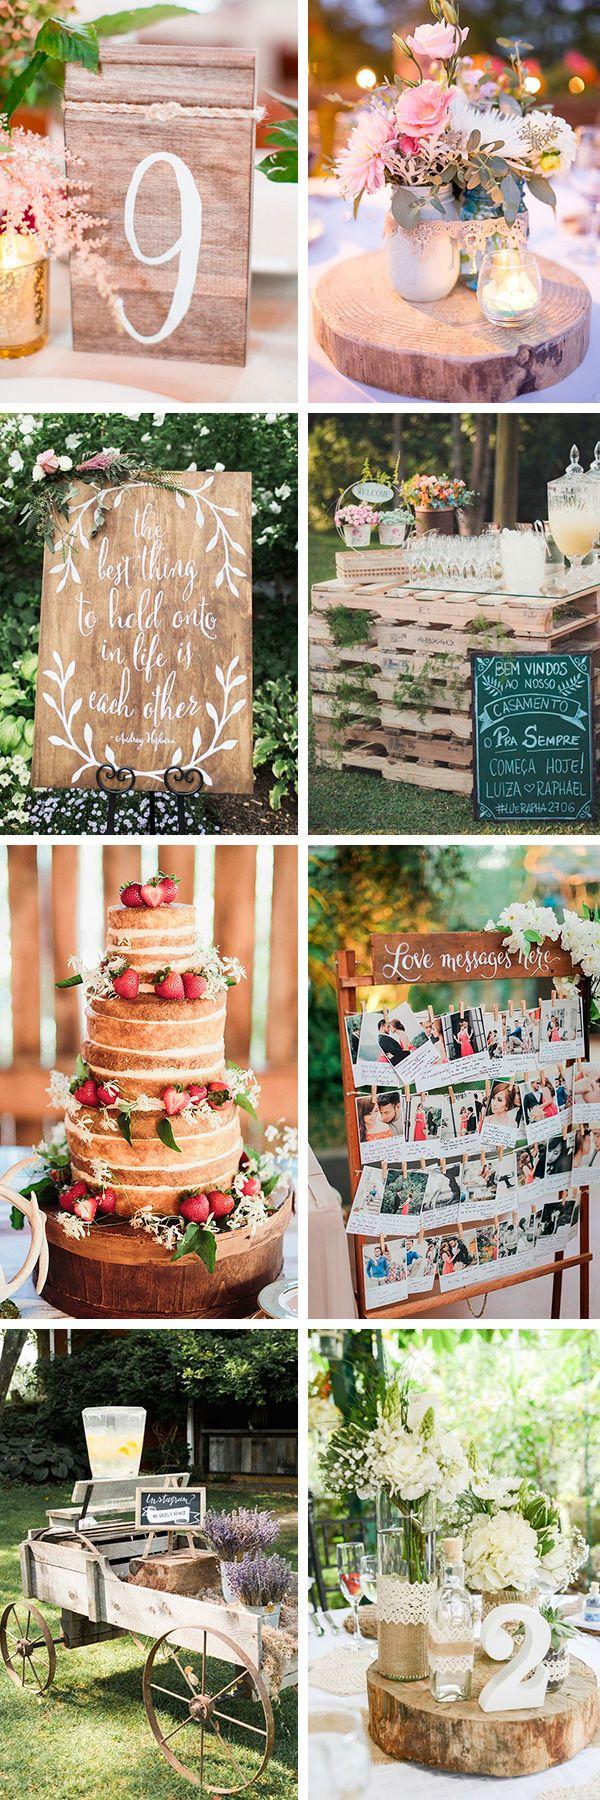 Ideas para decorar una boda rústica | El Blog de una Novia | #boda #rustico